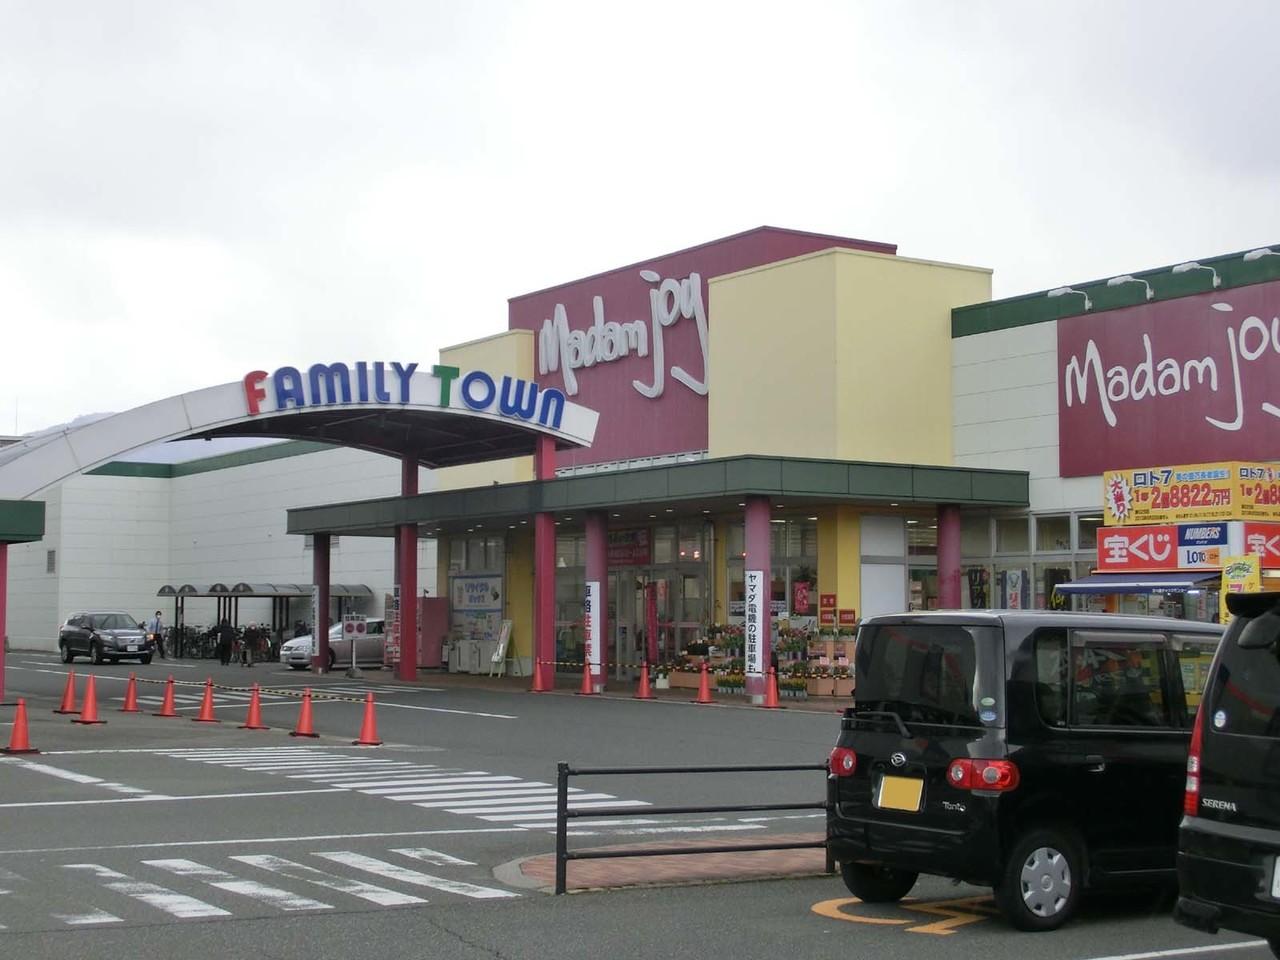 【スーパー】ファミリータウン広電楽々園内「マダムジョイ Madamjoy 楽々園店」営業時間 9:00~22:00 です